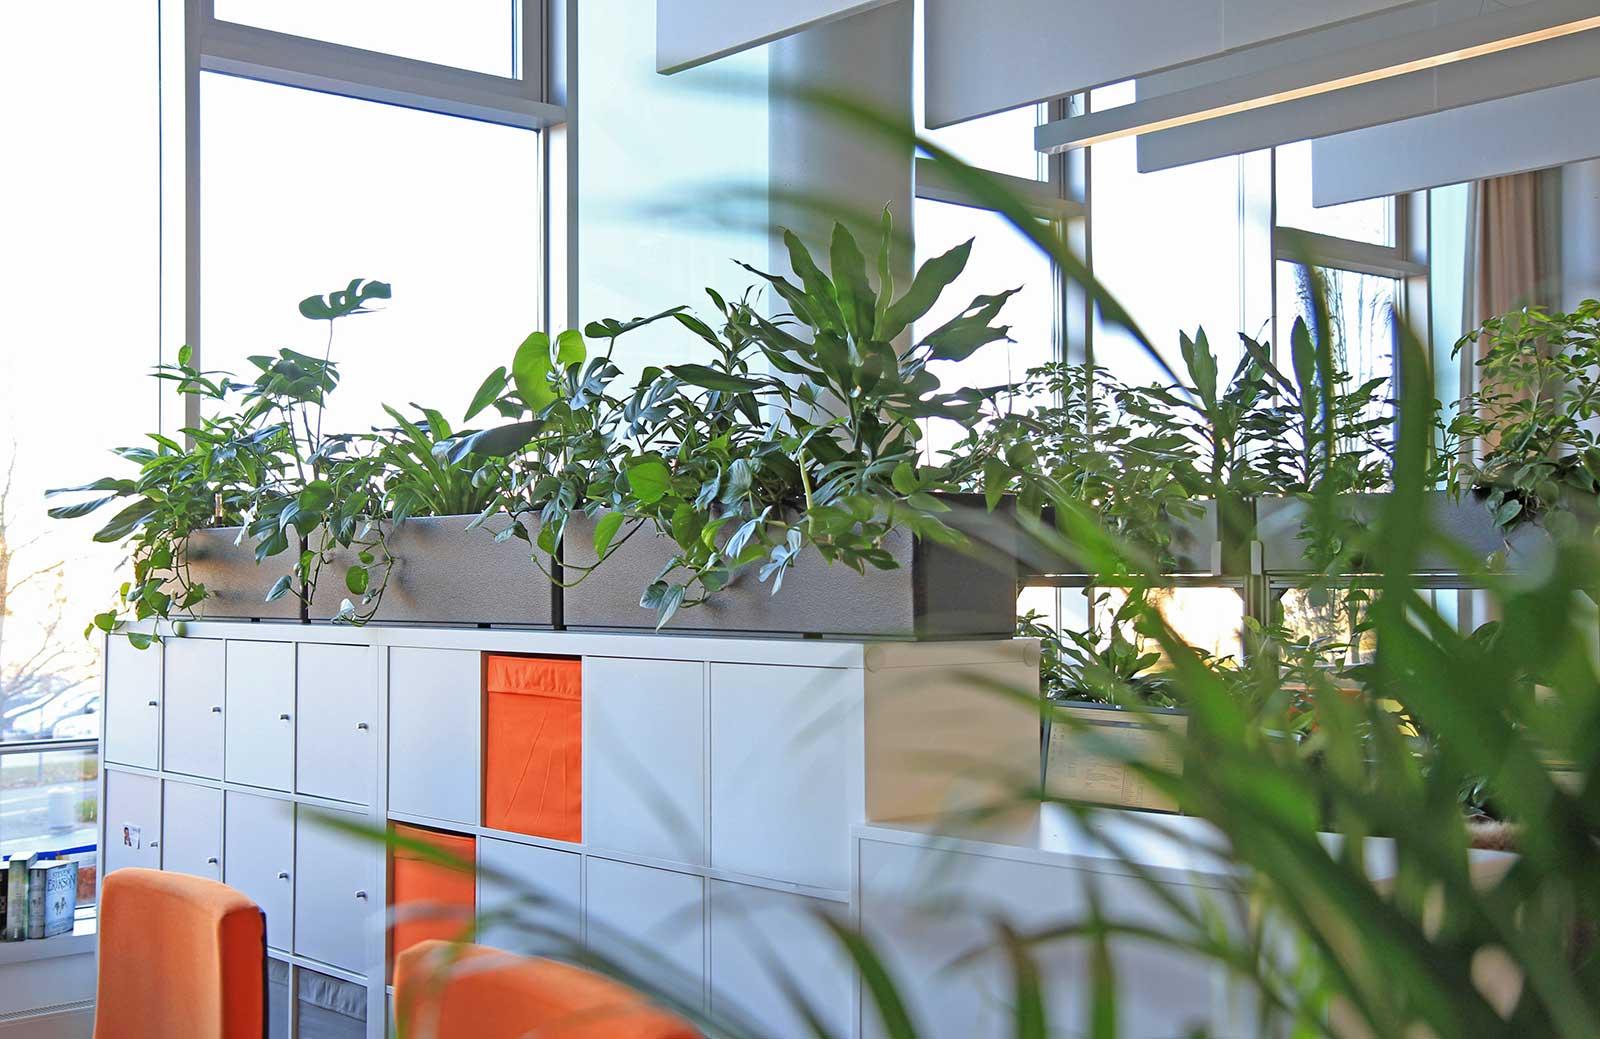 Pflanzen auf Sideboard im Großraumbüro